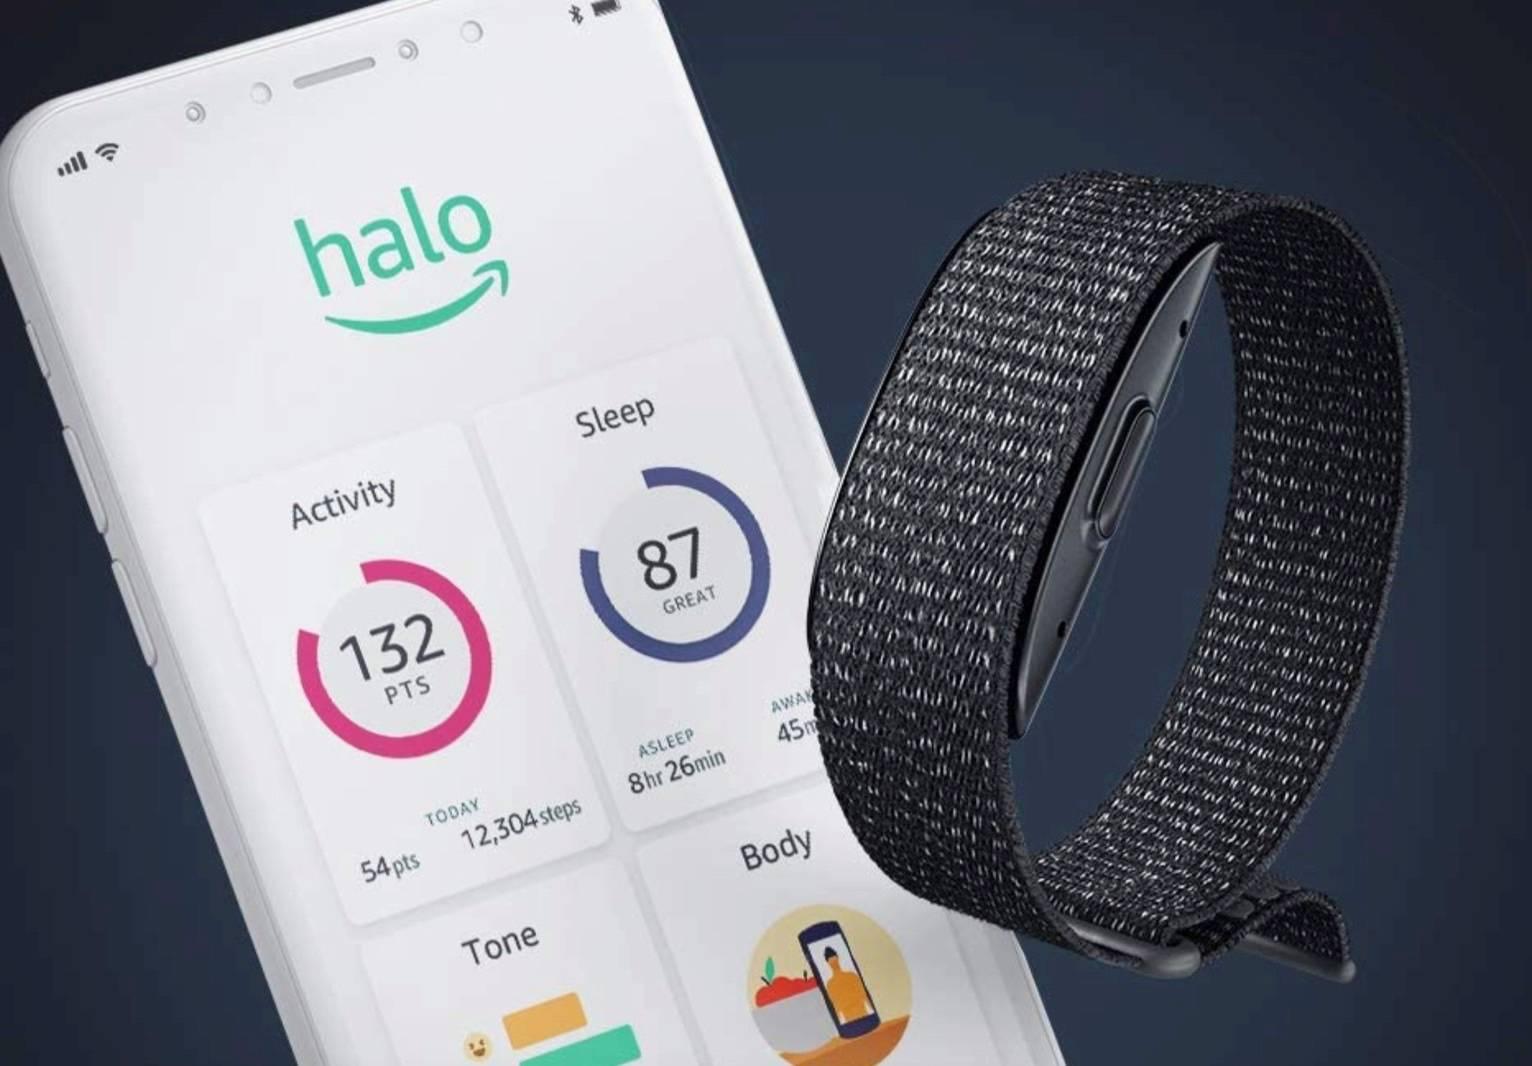 Amazon lanzó Halo, una pulsera inteligente que puede analizar el rendimiento durante el entrenamiento